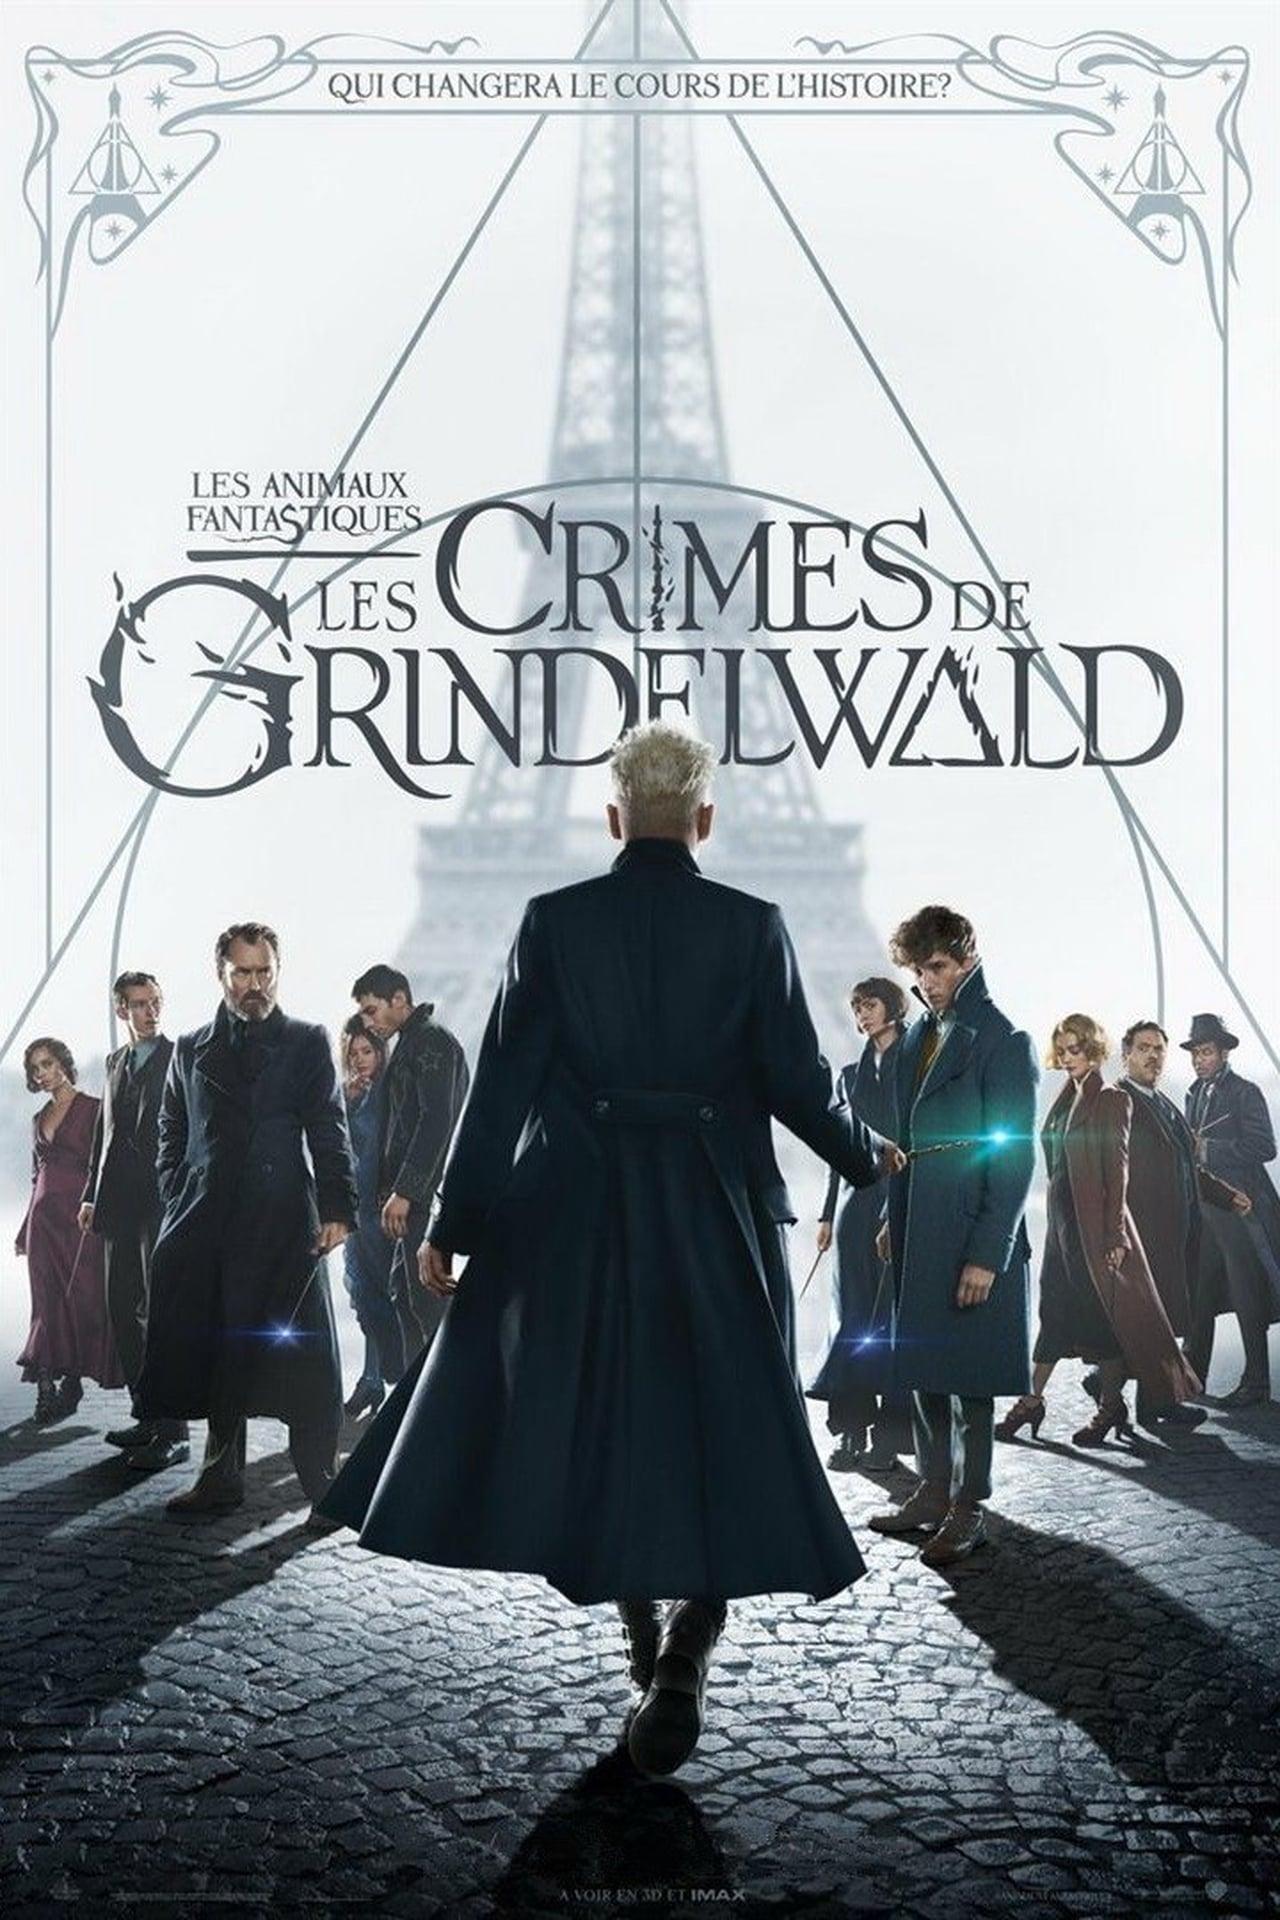 Les animaux fantastiques : Les crime de Grindelwald